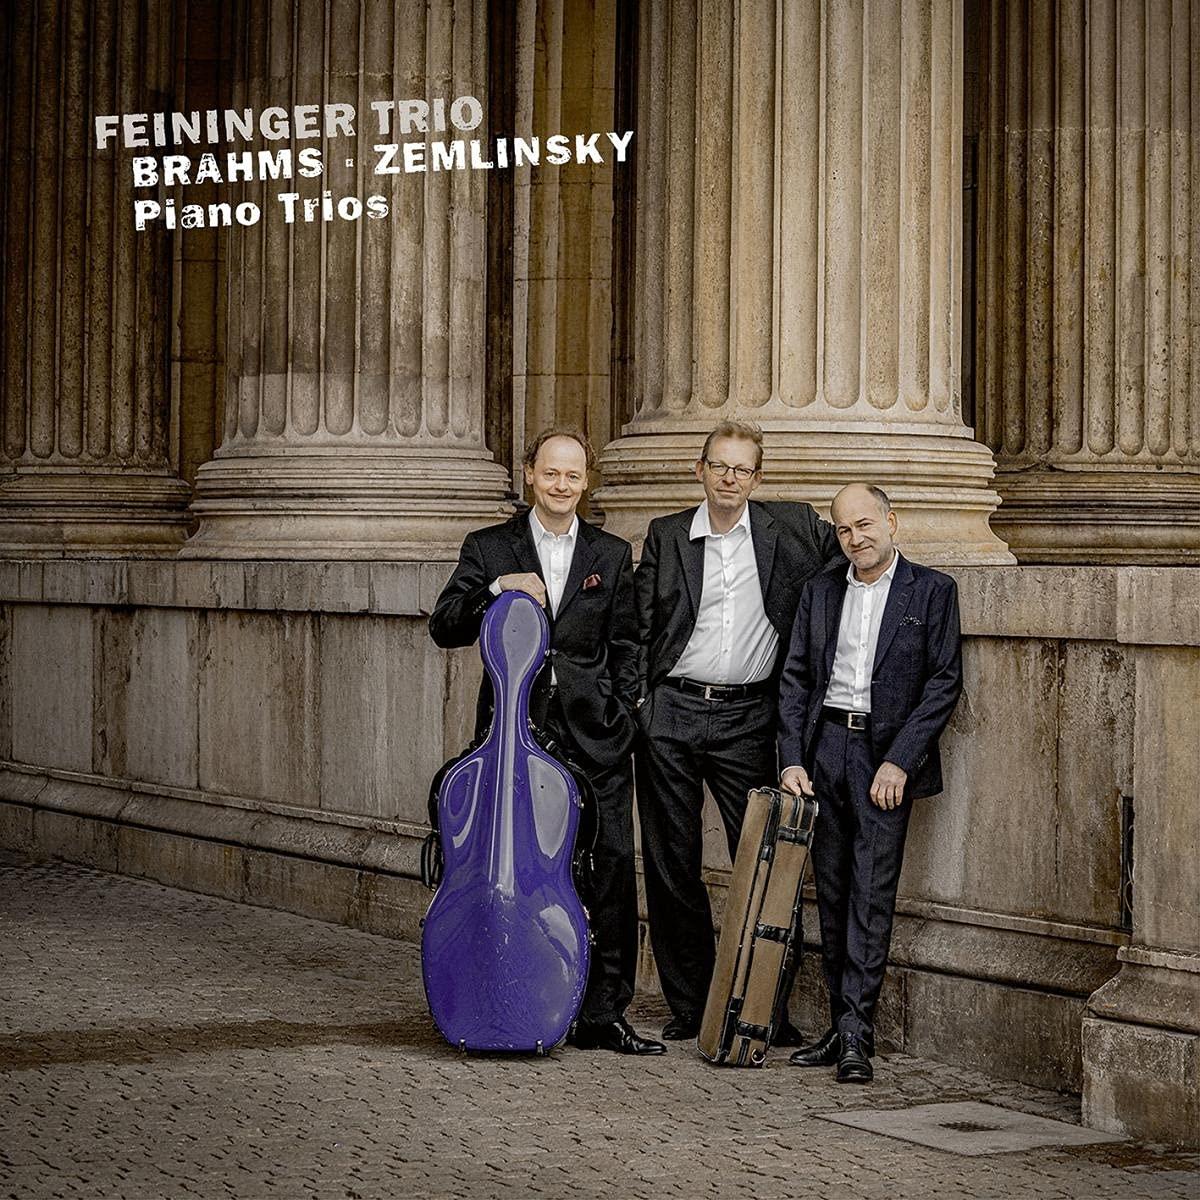 Brahms & Zemlinsky: Piano Trios - Feininger Trio